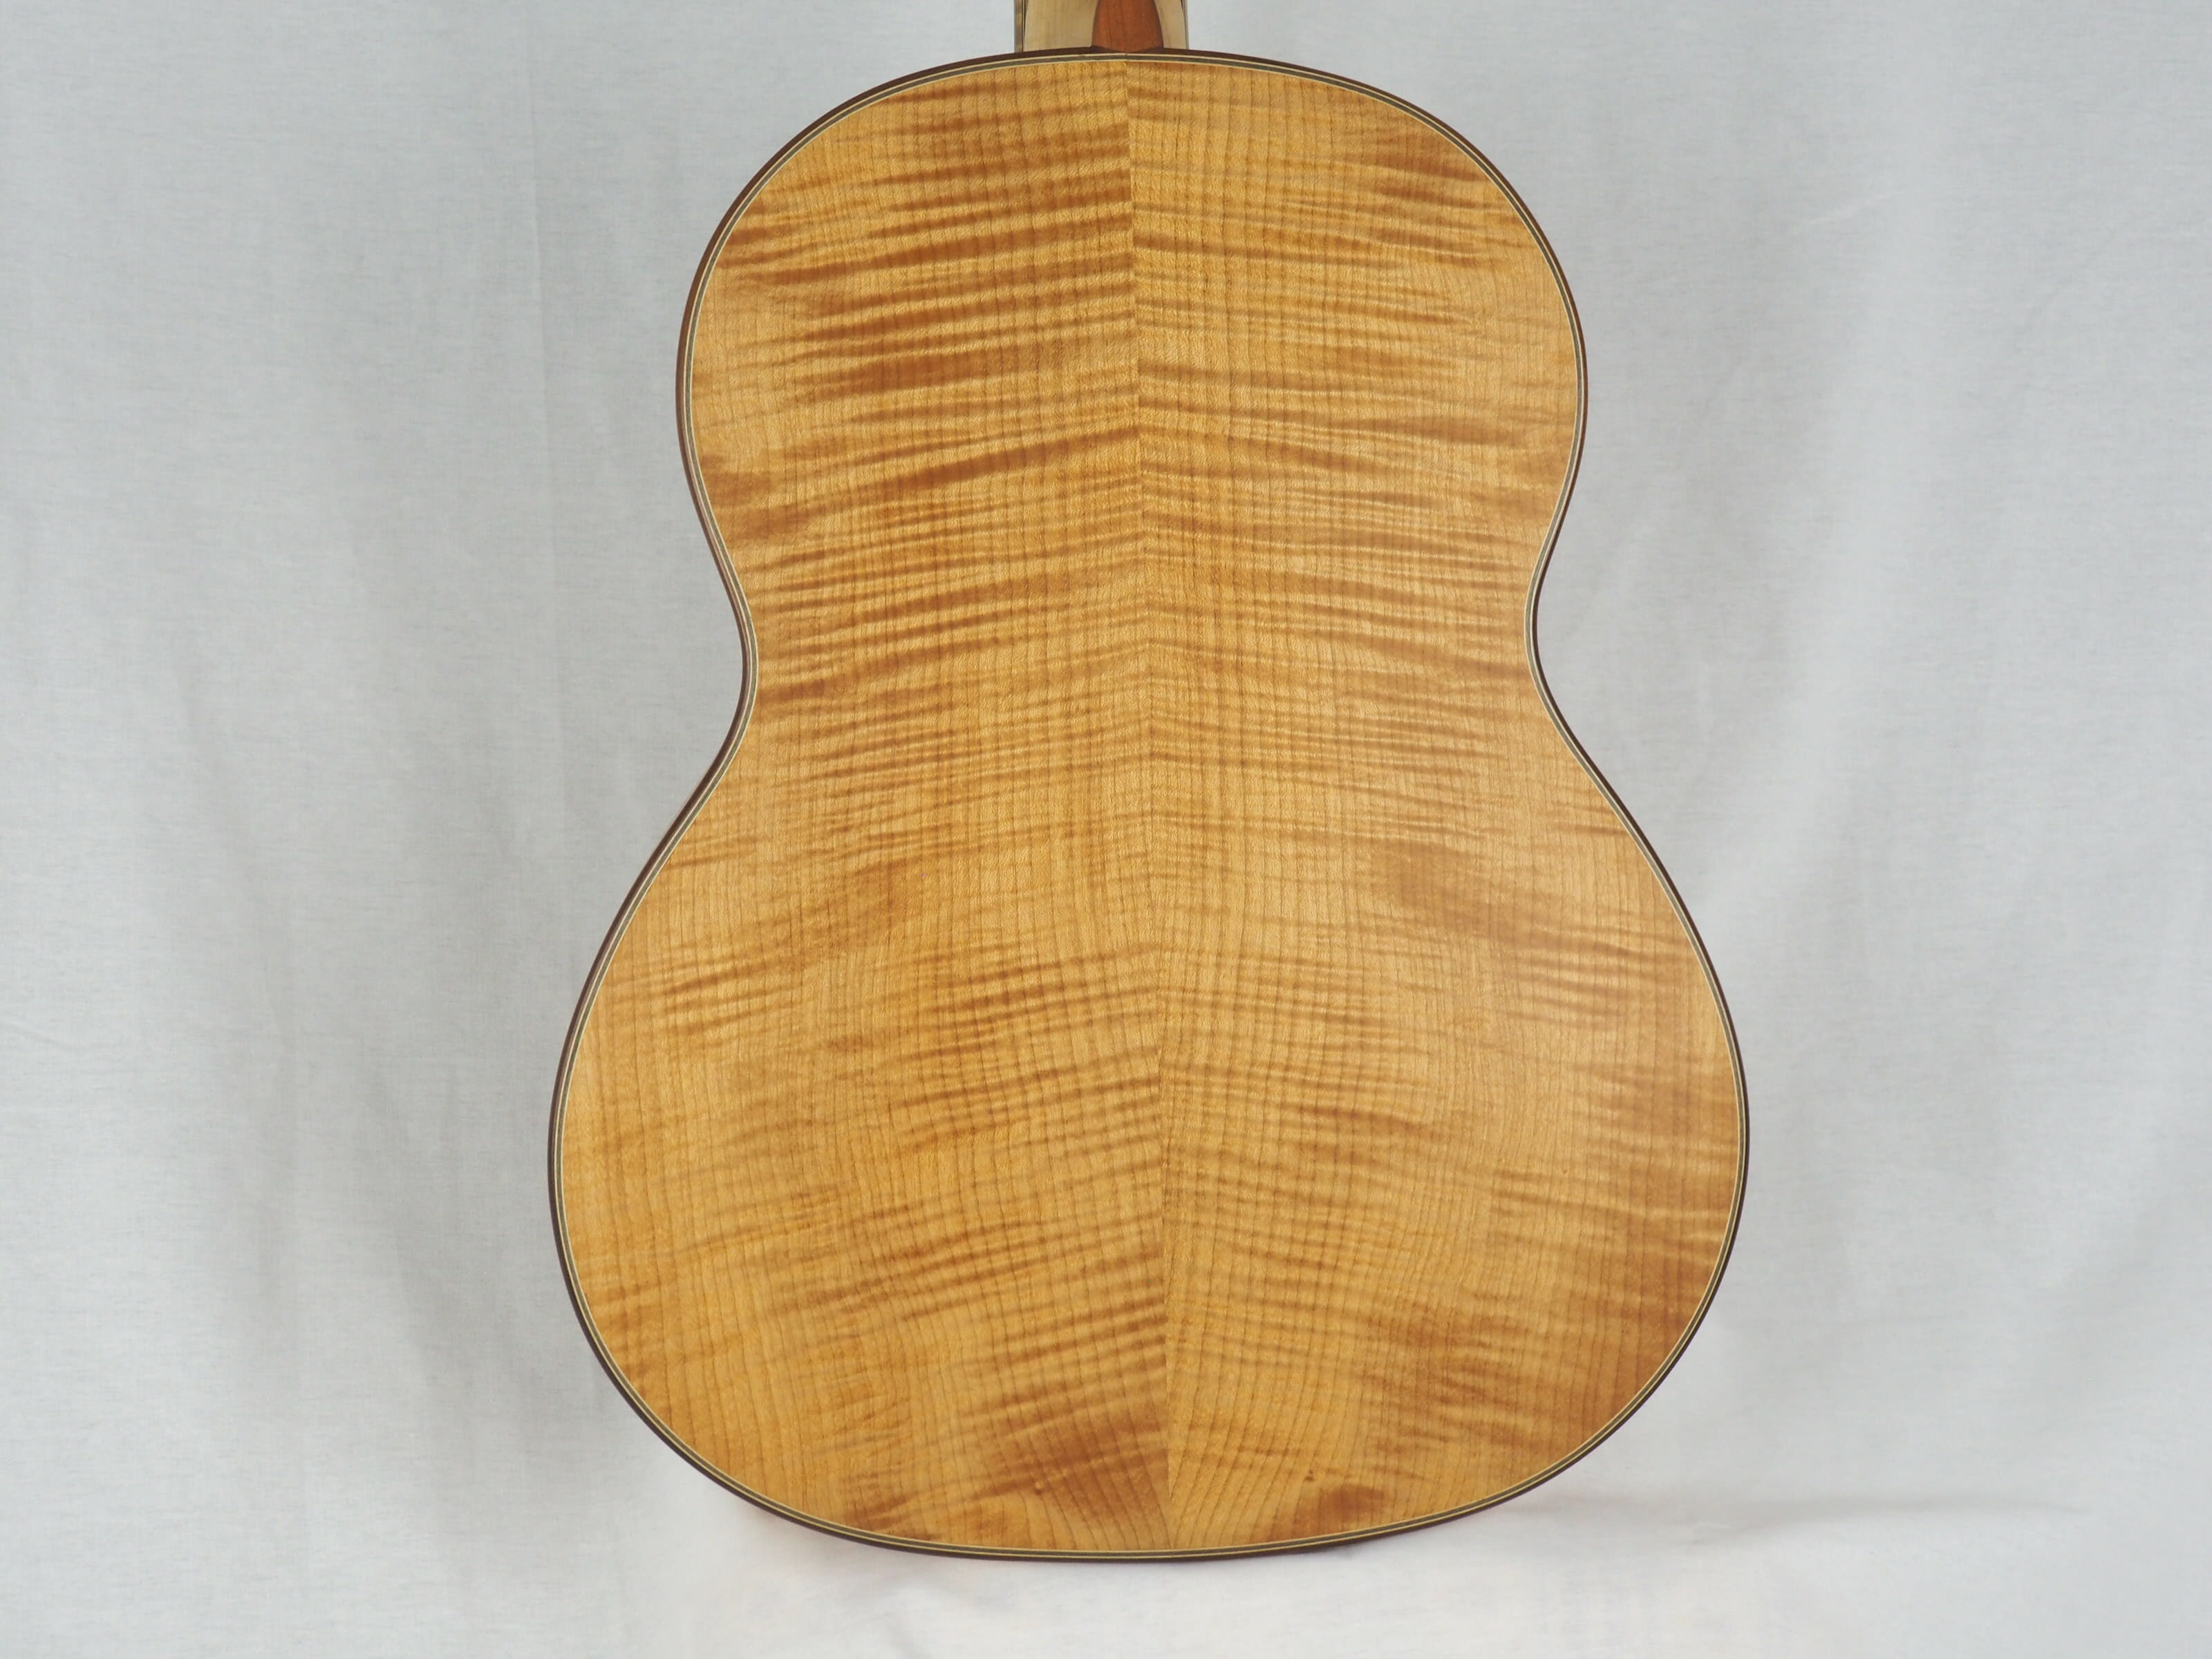 Dieter Hopf Luthier guitare classique Auditorium No 19HP070-03